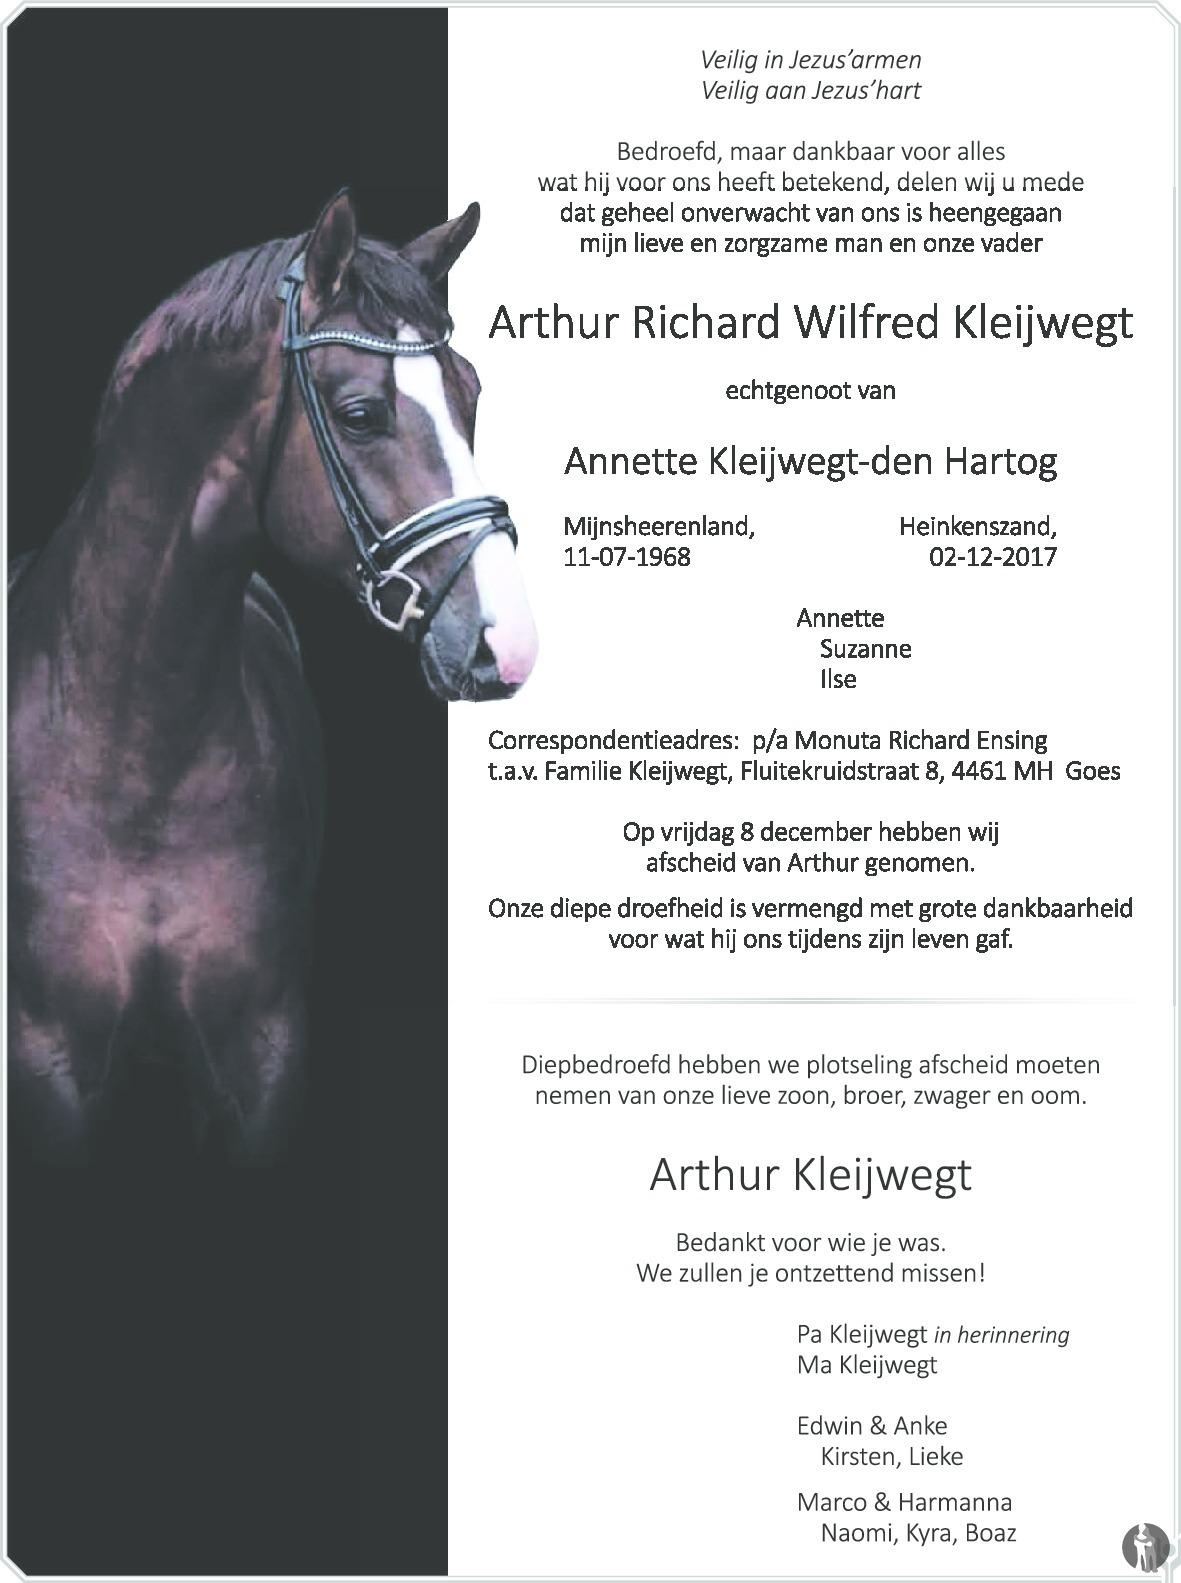 Overlijdensbericht van Arthur Richard Wilfred Kleijwegt in Het Kompas vrijdag